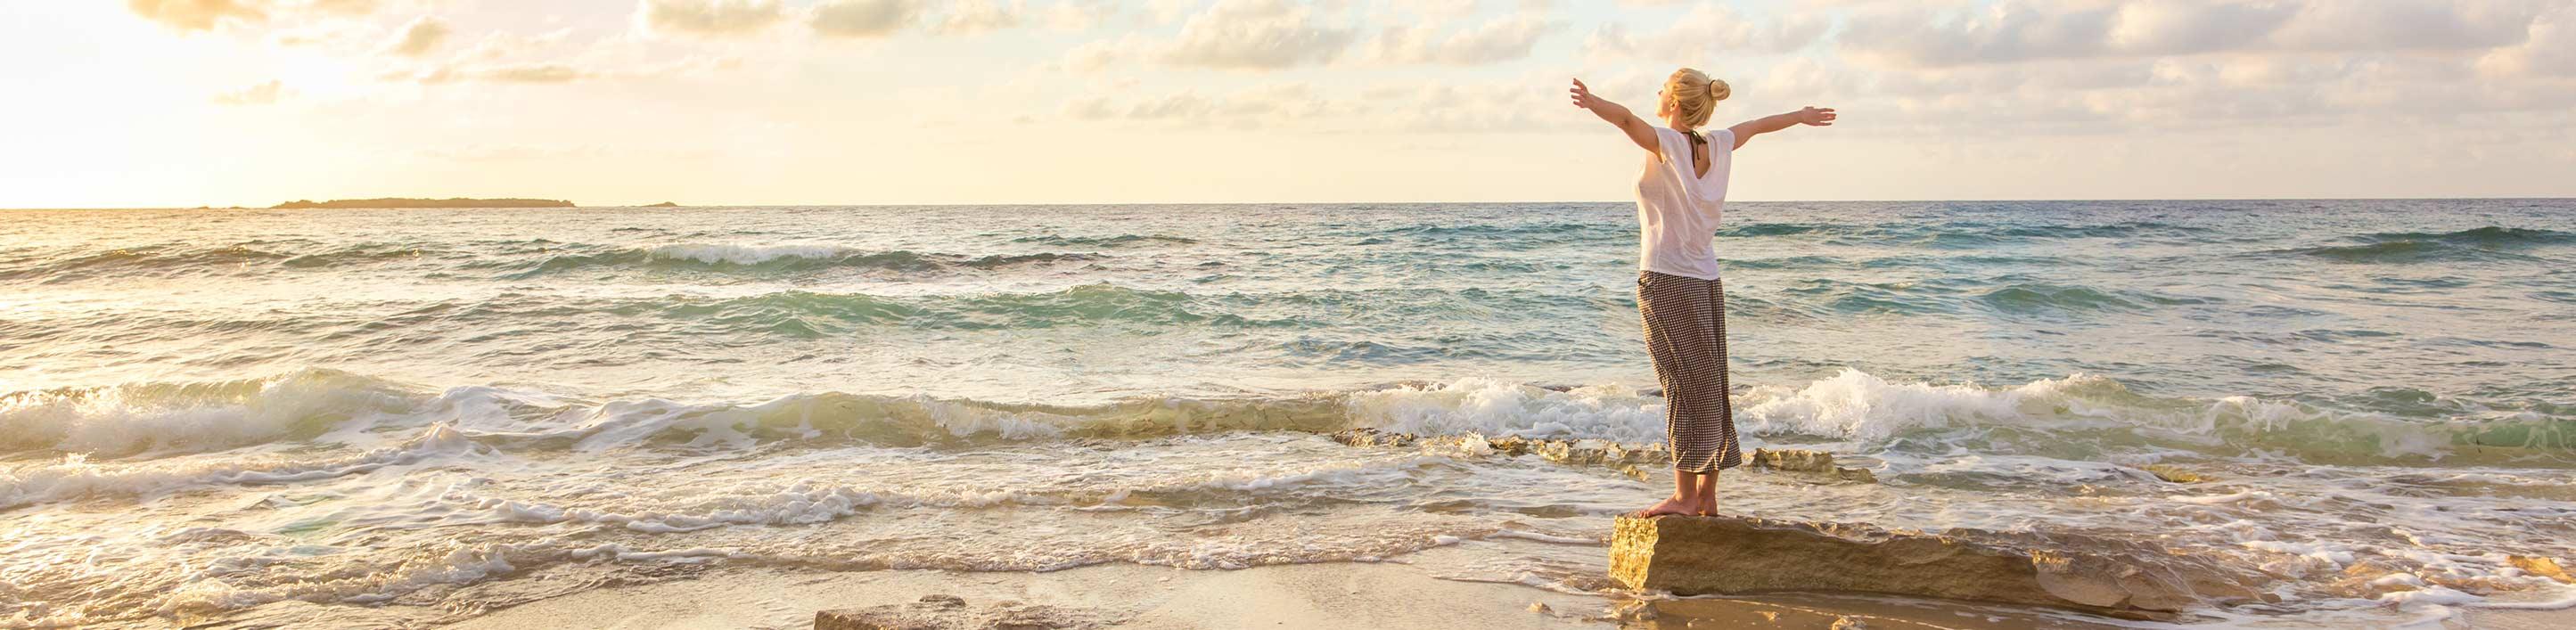 Dieta equilibrata e attività sportiva